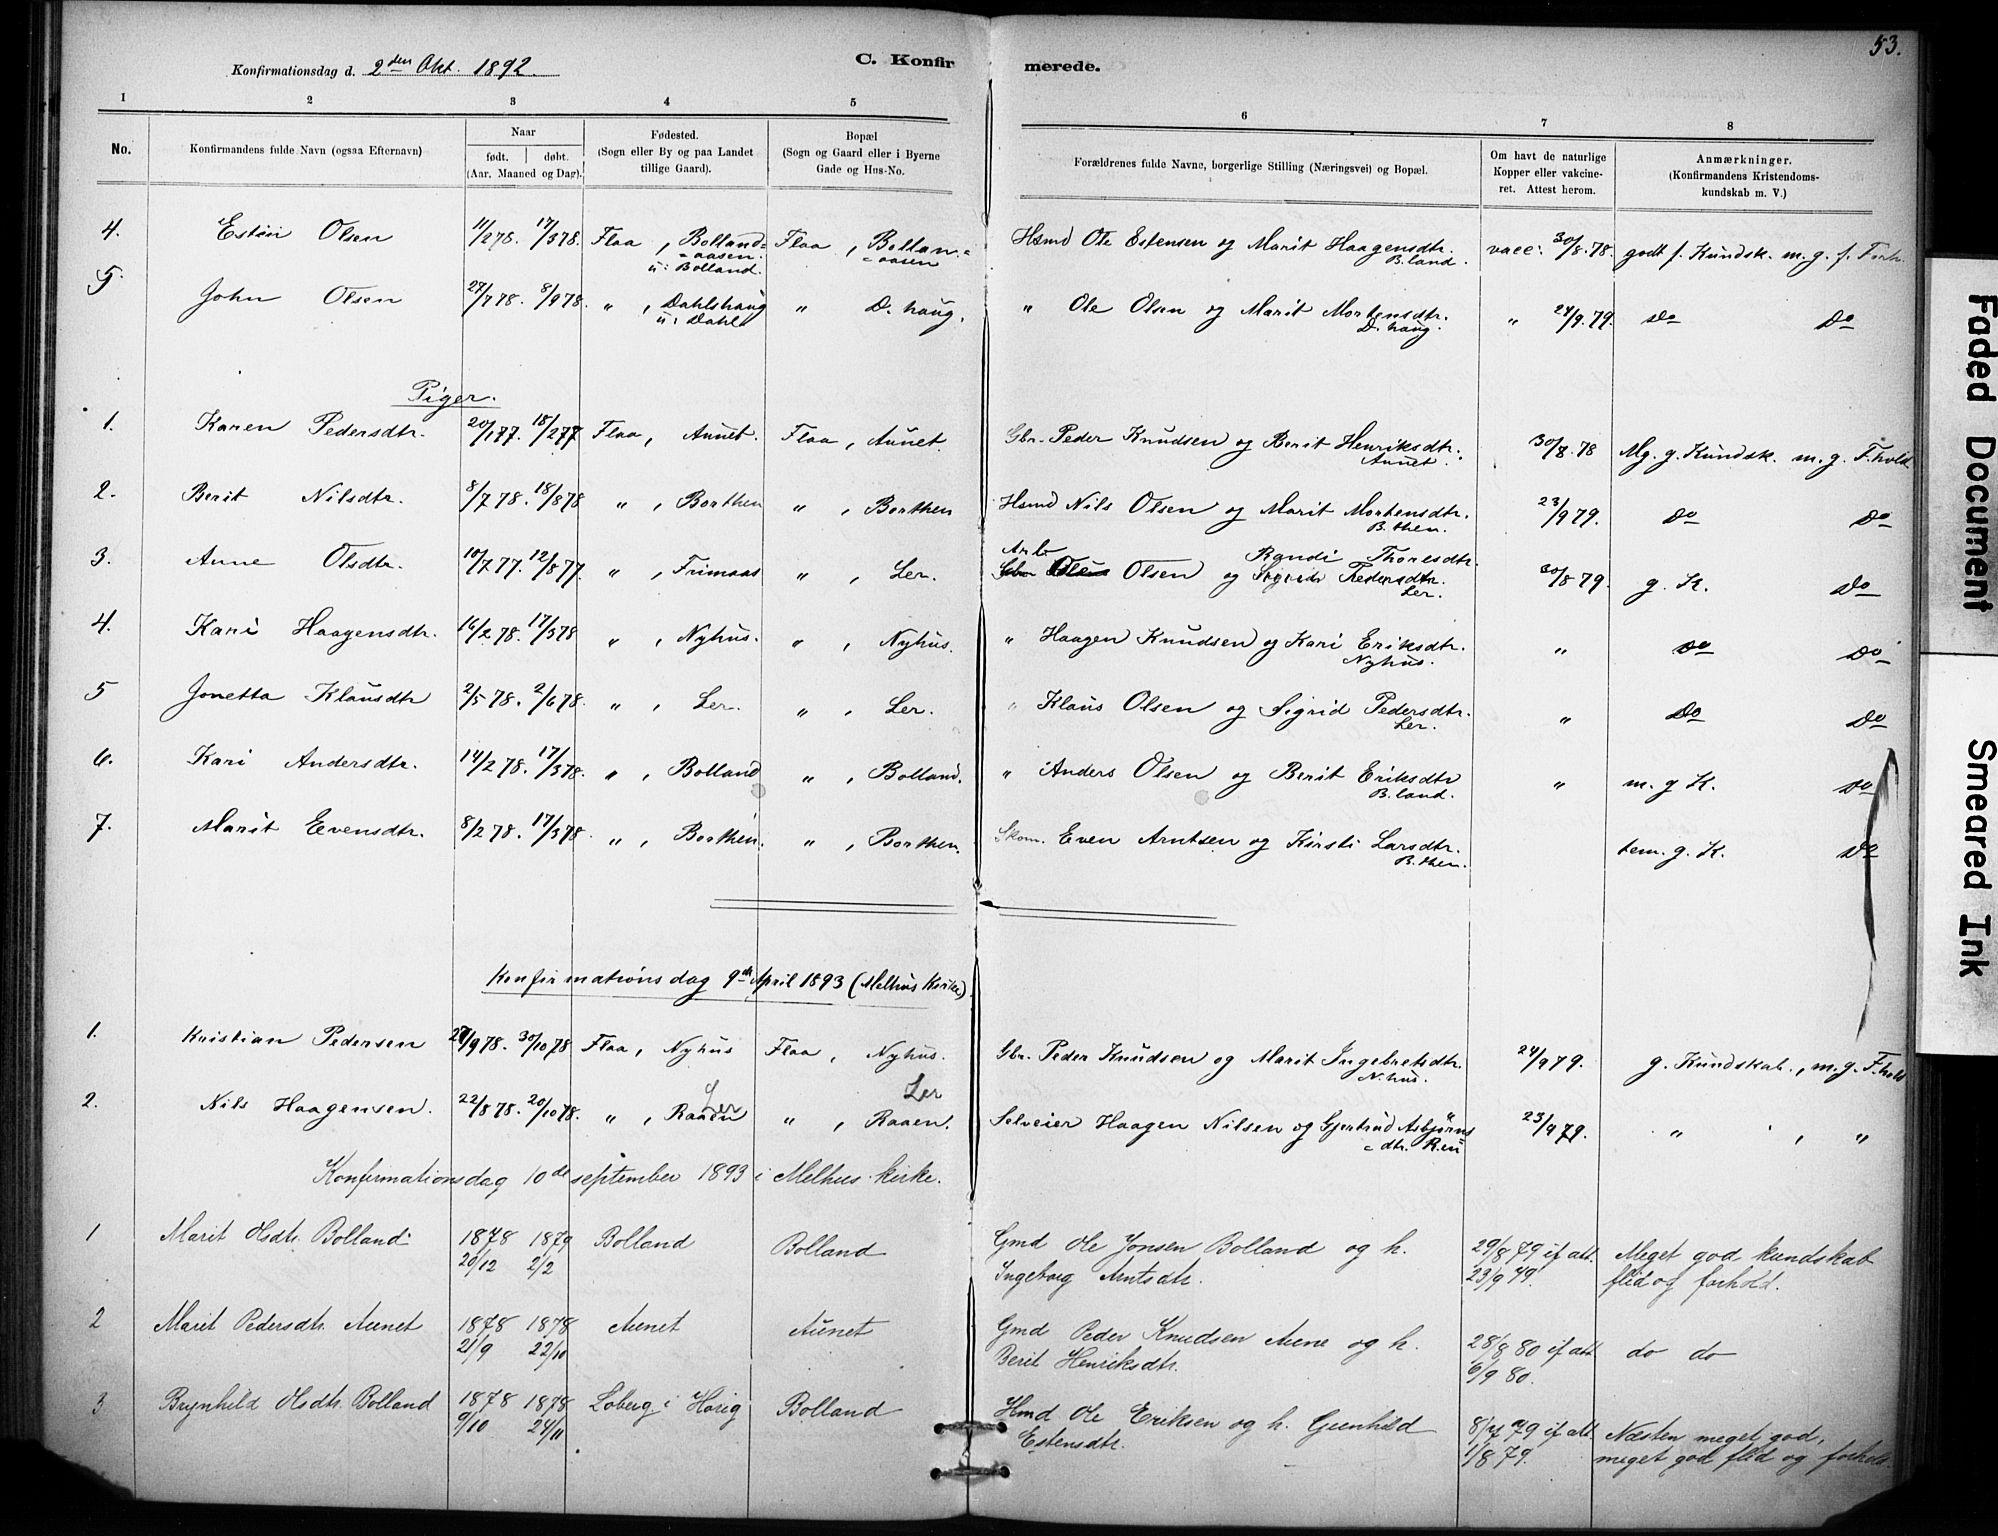 SAT, Ministerialprotokoller, klokkerbøker og fødselsregistre - Sør-Trøndelag, 693/L1119: Ministerialbok nr. 693A01, 1887-1905, s. 53